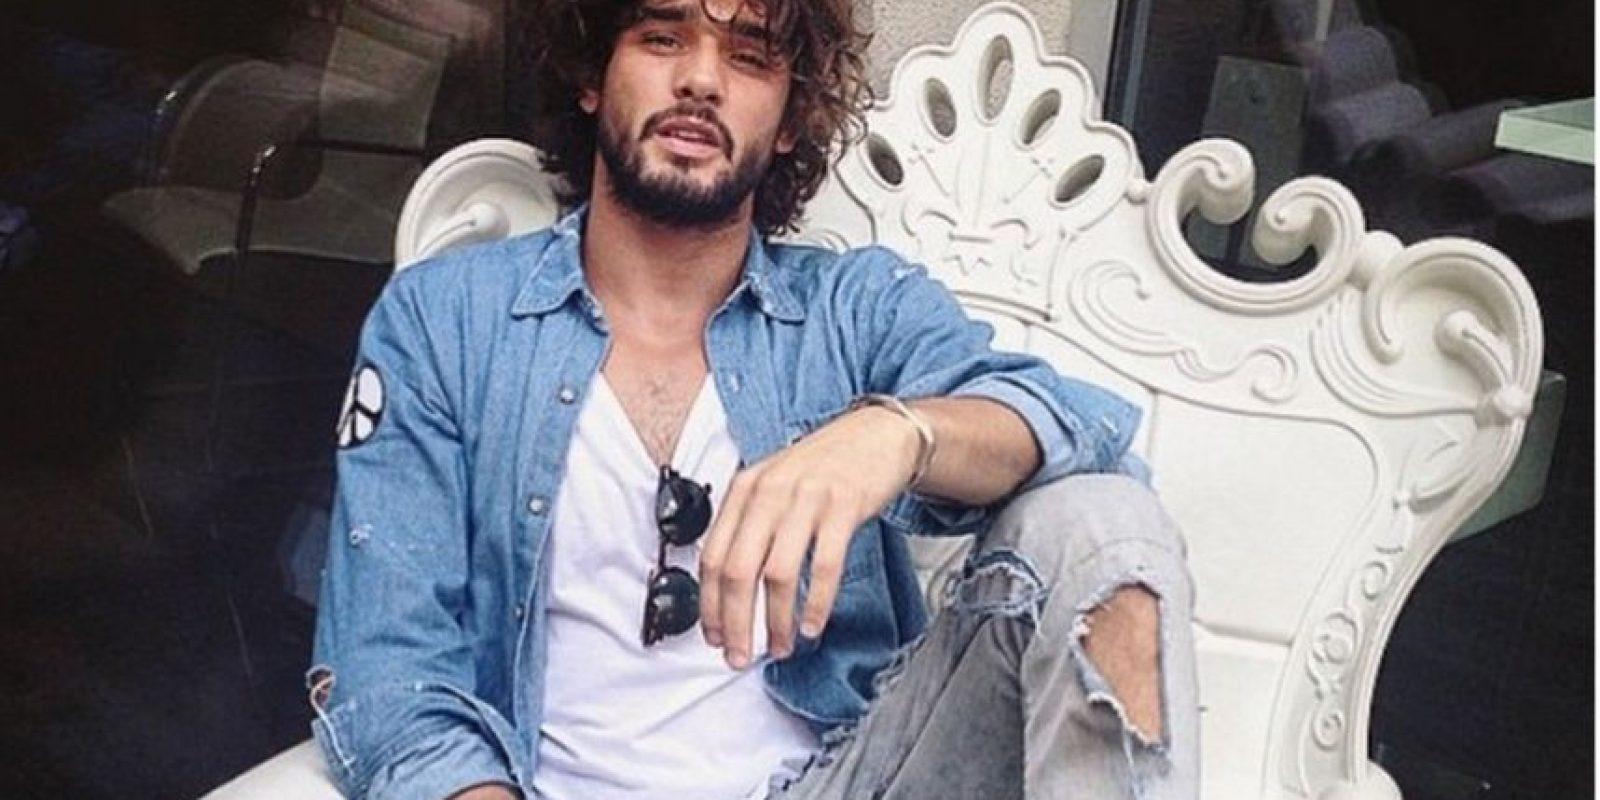 Desfiló para marcas como Armani, Dior, Dolce&Gabbana, Roberto Cavalli y Jean-Paul Gaultier Foto:Via instagram.com/marlontx/